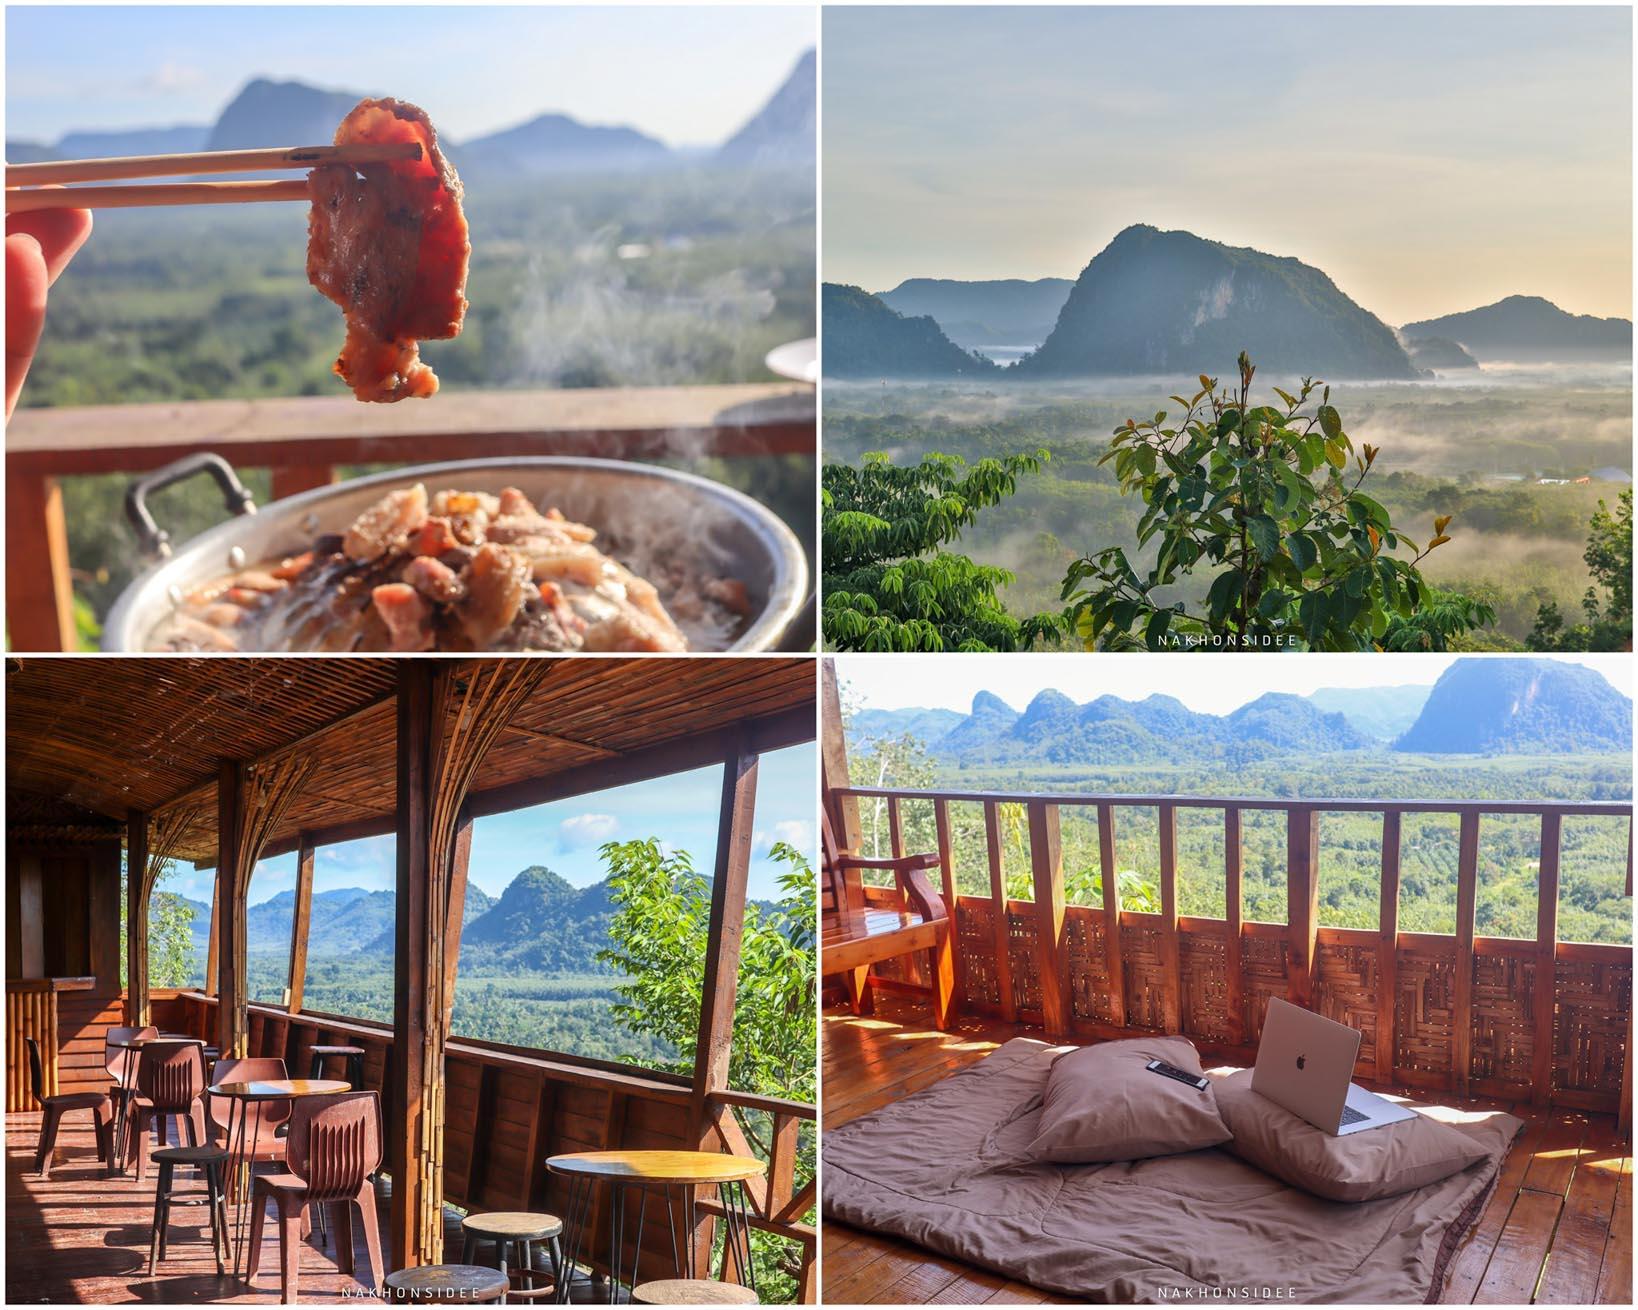 บรรยากาศชิวๆ-ปิ้งย่าง-หมูกะทะ-นั่งชิวๆชมสายหมอก-อากาศดีมากครับ ที่เที่ยว,ที่พัก,พัทลุง,การท่องเที่ยว,ประเทศไทย,วิถีชีวิต,ชุมชน,ดริฟท์กาแฟ